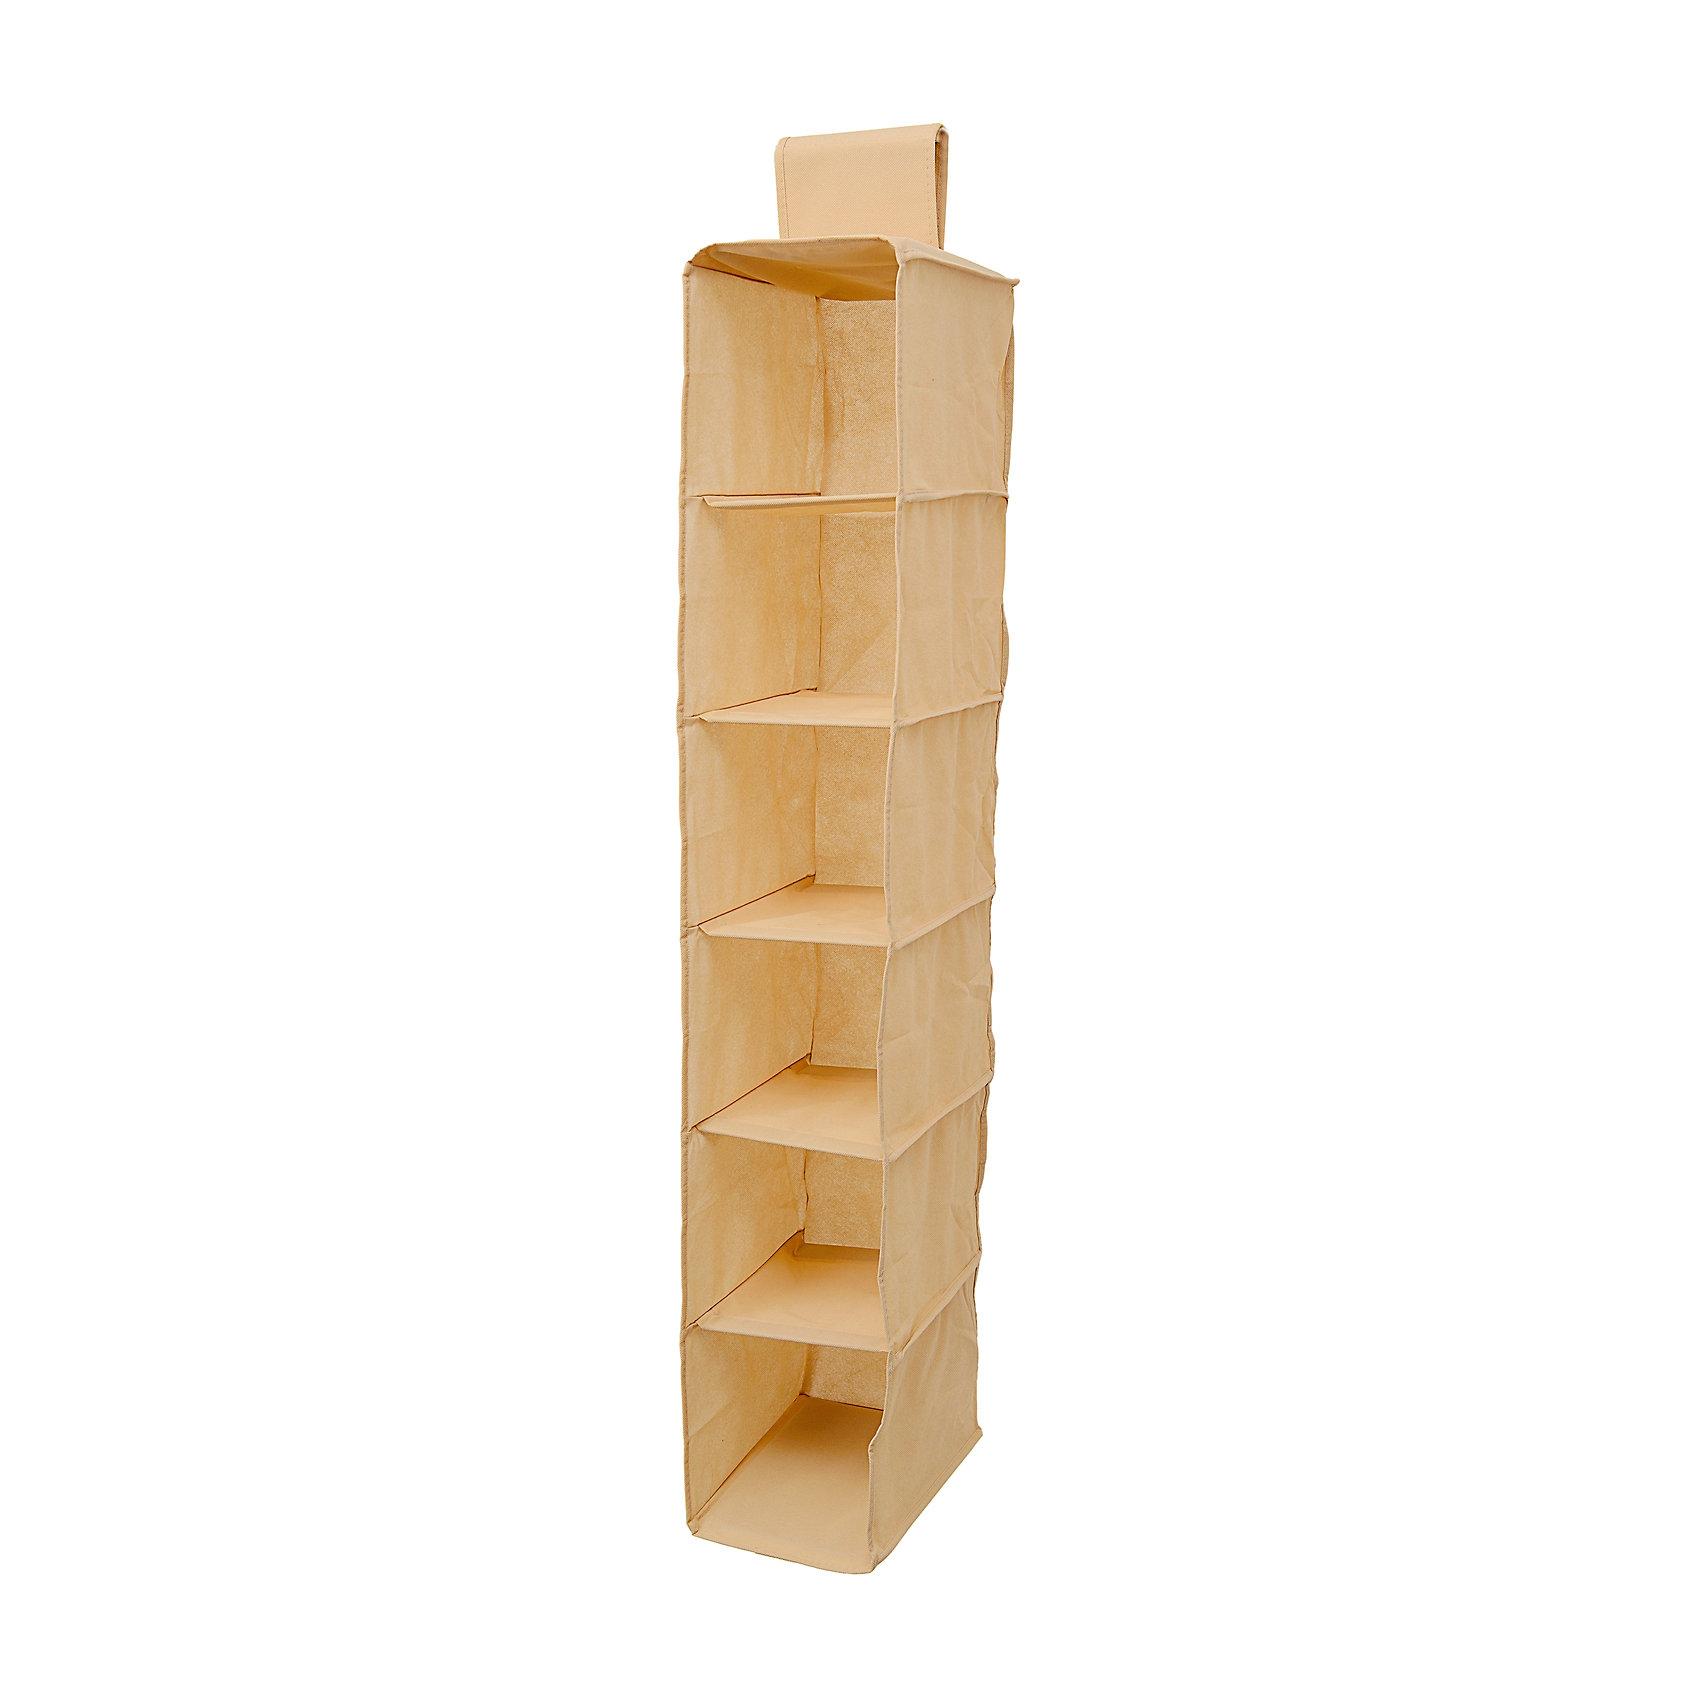 Органайзер подвесной в шкаф Bora-Bora, HomsuПорядок в детской<br>Характеристики товара:<br><br>• цвет: бежевый<br>• материал: полиэстер, картон<br>• размер: 30х20х120 см<br>• вес: 500 г<br>• легкий прочный каркас<br>• обеспечивает естественную вентиляцию<br>• вместимость: 6 отделений<br>• страна бренда: Россия<br>• страна изготовитель: Китай<br><br>Органайзер подвесной в шкаф Bora-Bora от бренда Homsu (Хомсу) - очень удобная вещь для хранения вещей и эргономичной организации пространства.<br><br>Предмет легкий, вместительный, обеспечивает естественную вентиляцию.<br><br>Органайзер подвесной в шкаф Bora-Bora, Homsu можно купить в нашем интернет-магазине.<br><br>Ширина мм: 300<br>Глубина мм: 250<br>Высота мм: 20<br>Вес г: 500<br>Возраст от месяцев: 216<br>Возраст до месяцев: 1188<br>Пол: Унисекс<br>Возраст: Детский<br>SKU: 5620205